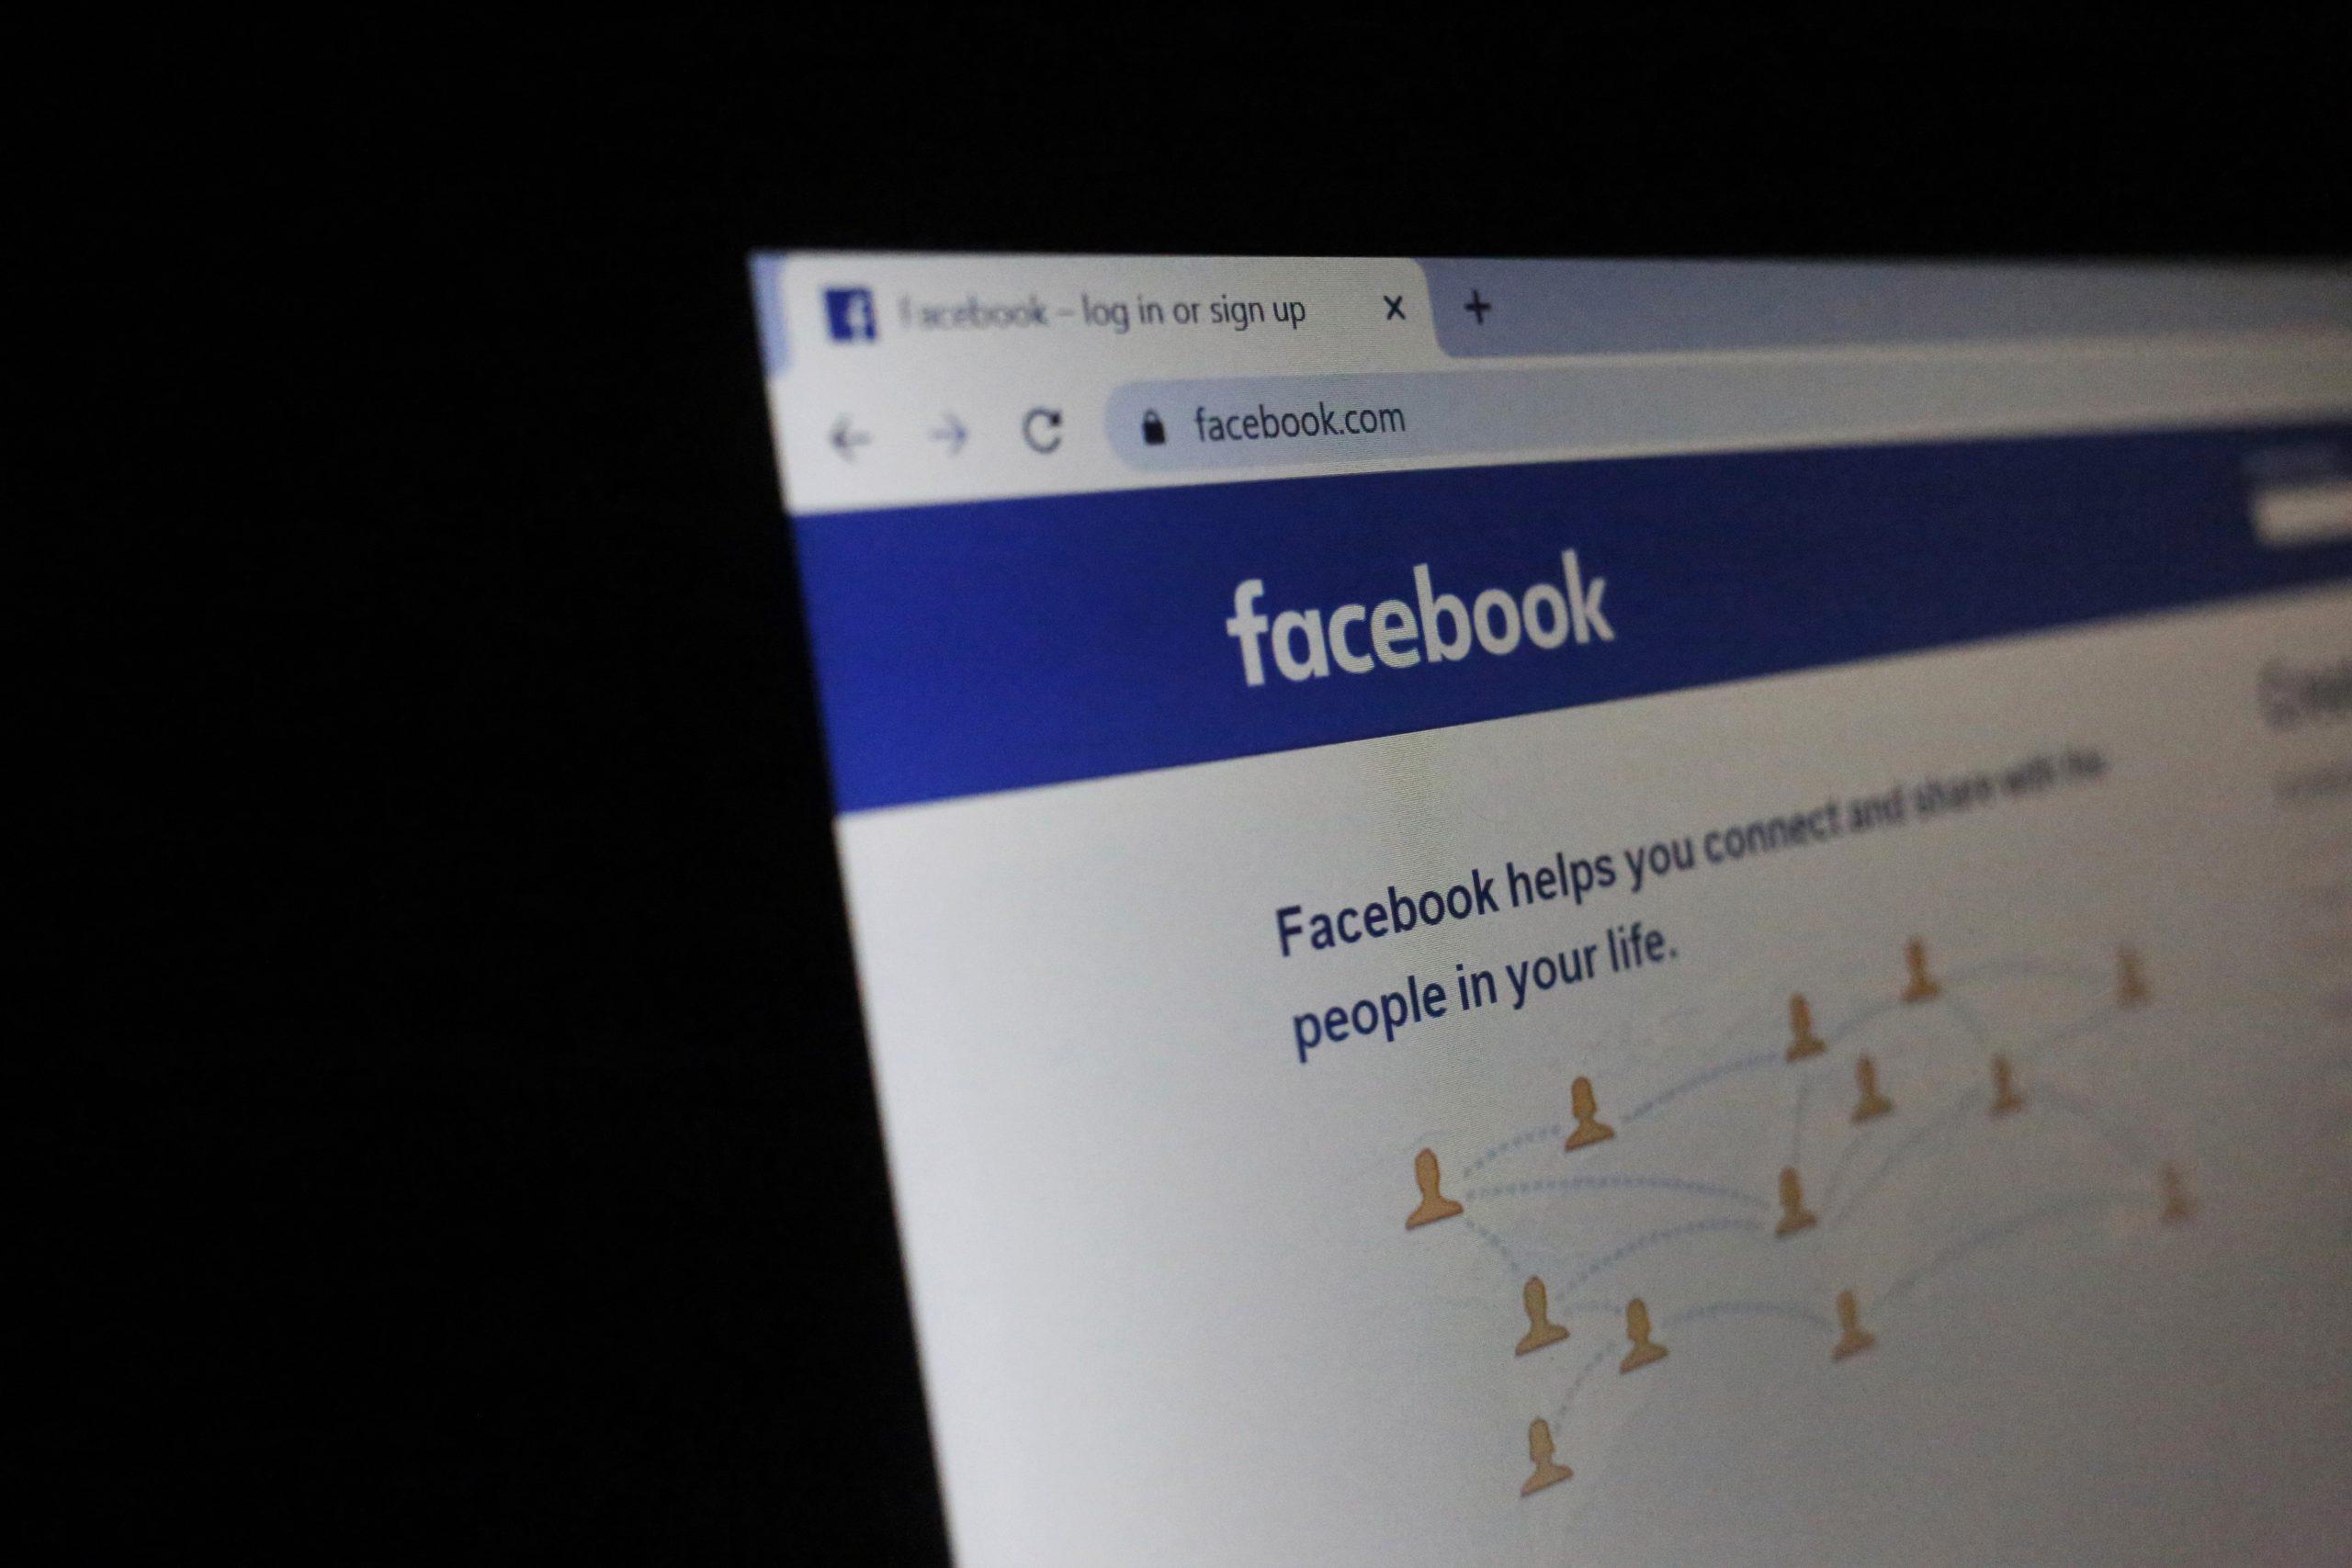 Le centre d'expertise de communication de l'Otan a testé la modération des faux comptes sur les grands réseaux sociaux. Conclusion : elle est inefficace.